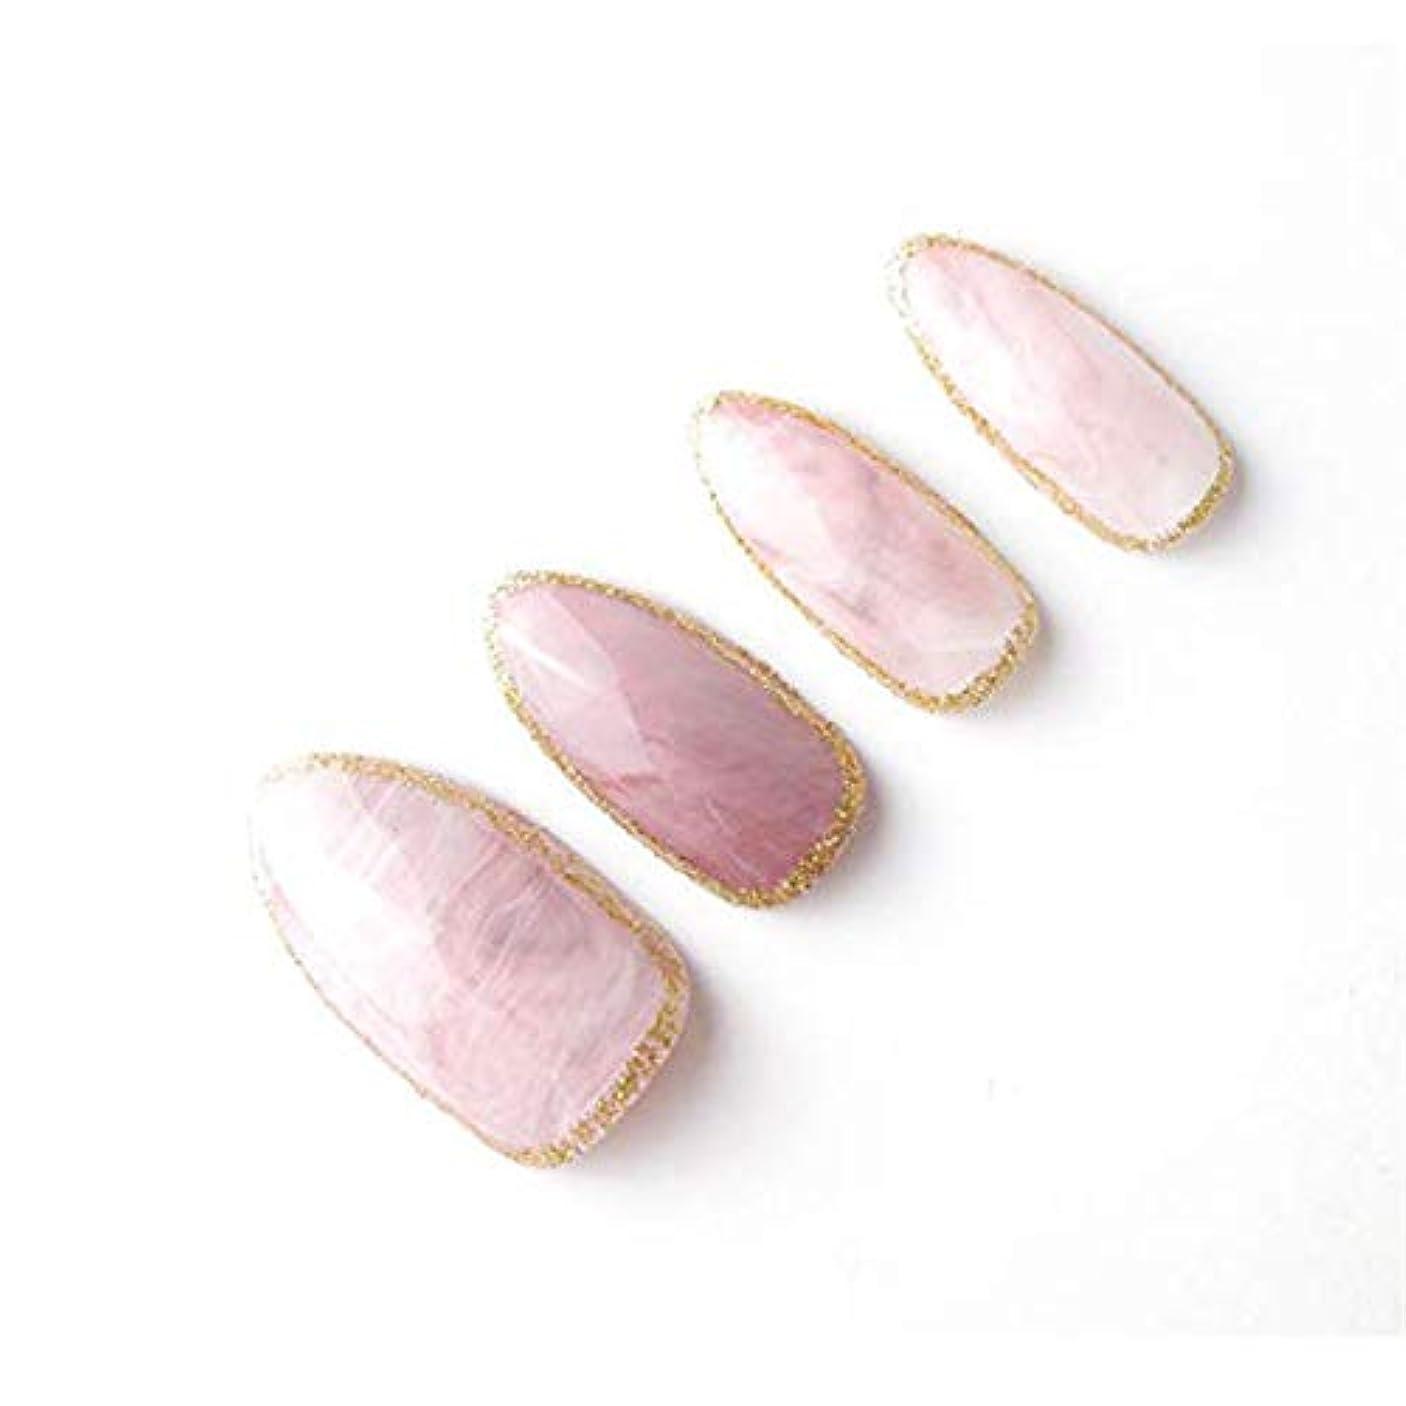 知らせる民主党ケーキYuNail ネイルチップ 24枚 ピンク 石の質感 楕円形状 短い アクリル